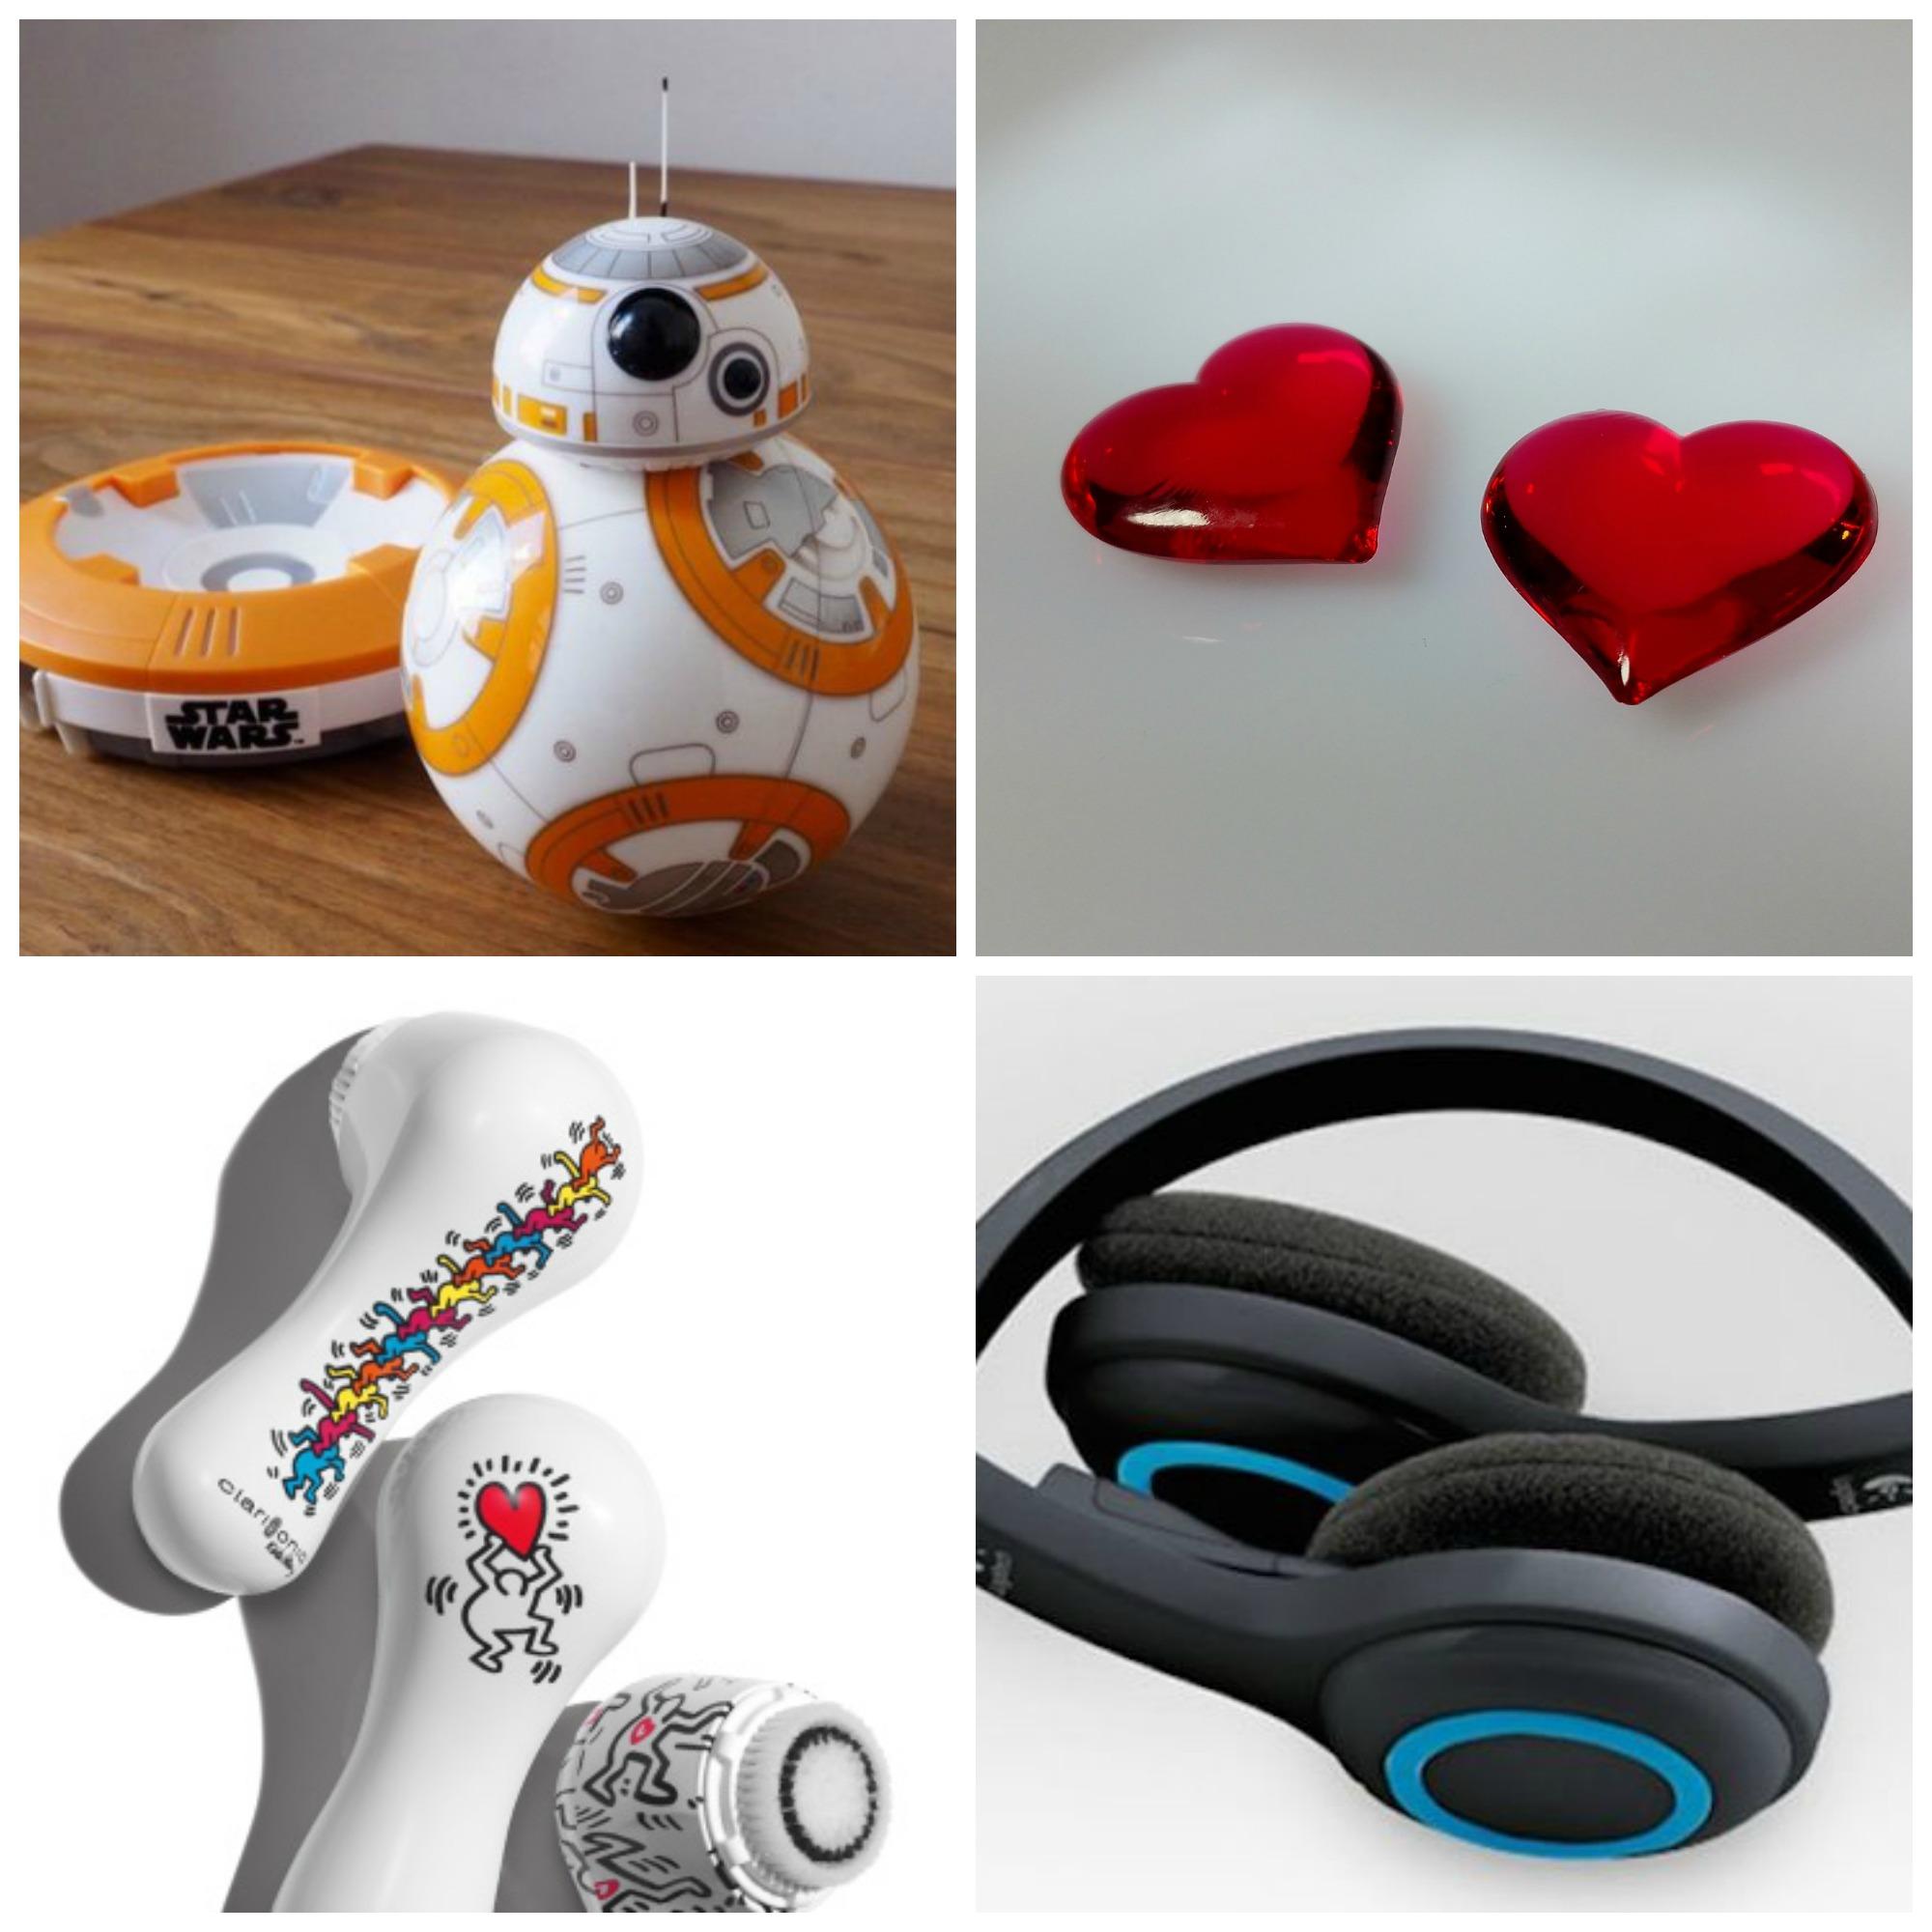 San valentino idee regali tecnologici per lui for Idee per regali